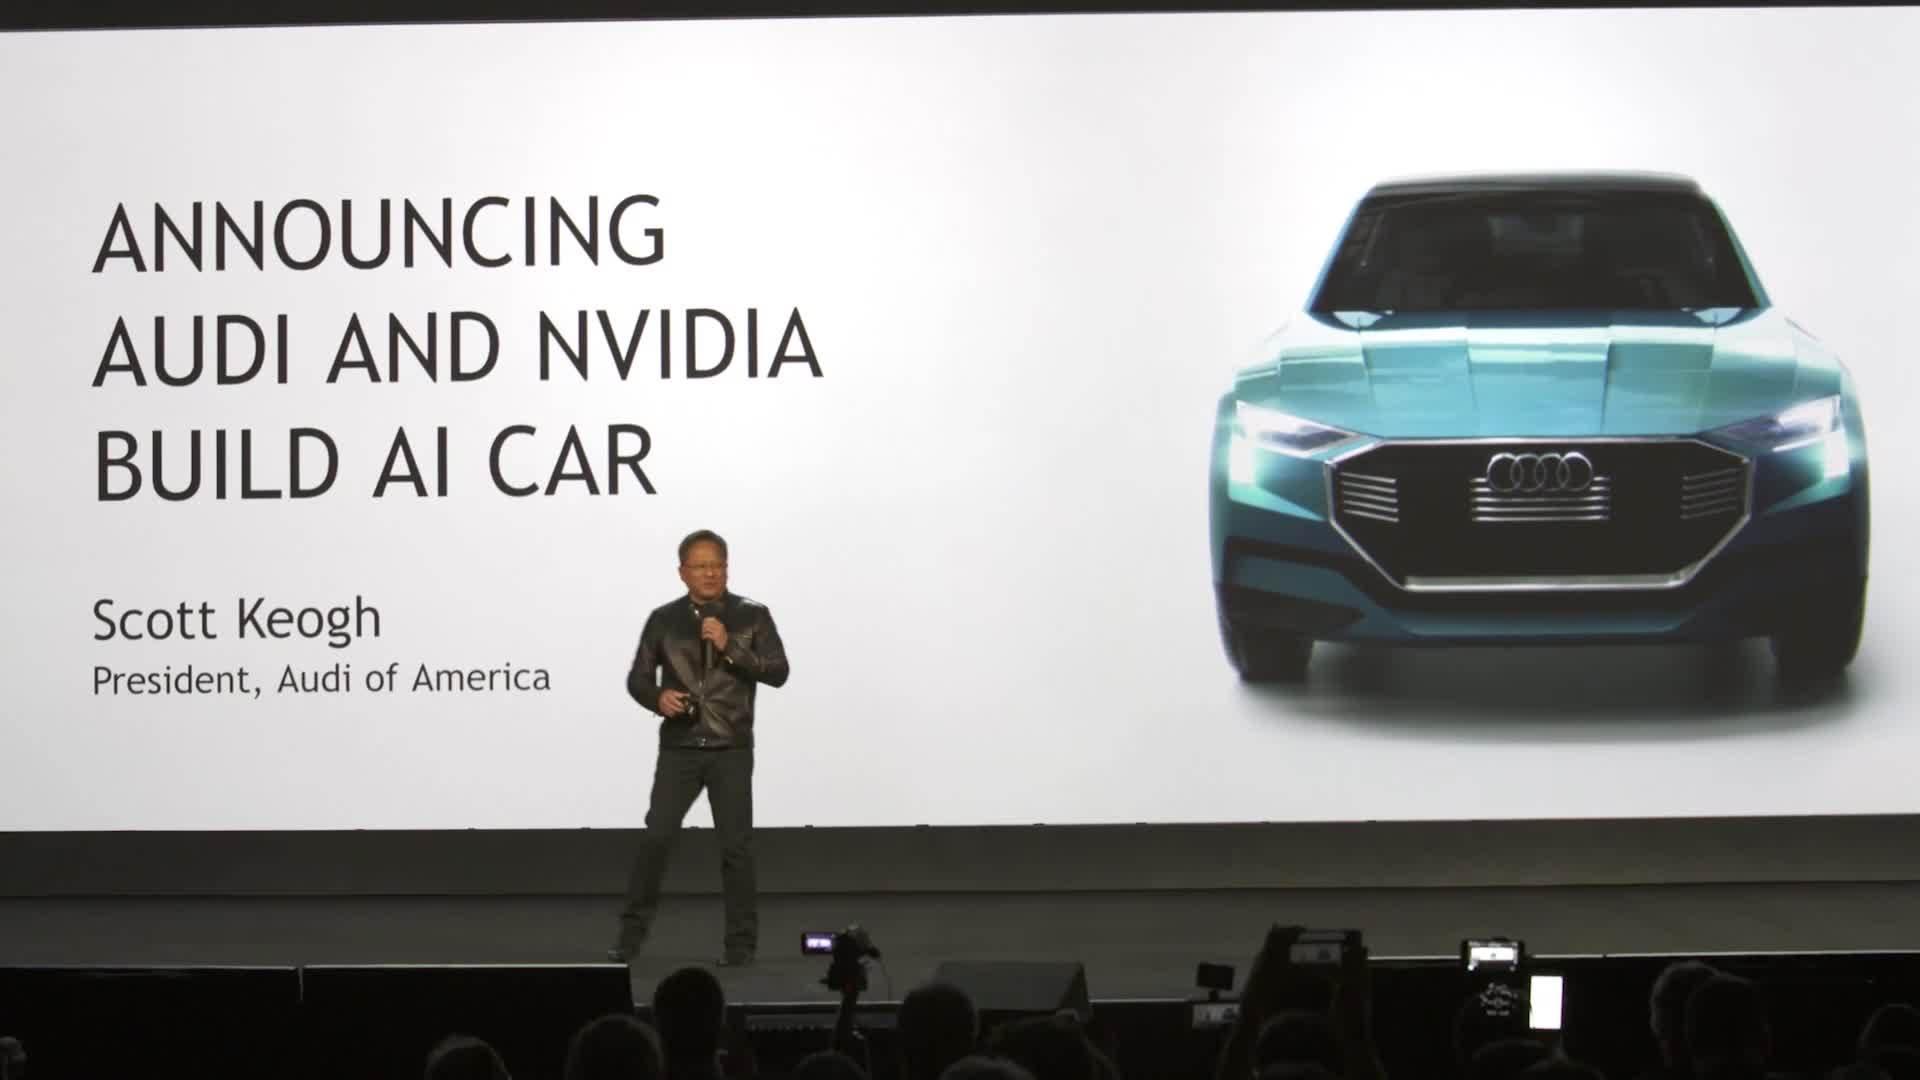 Pilotiertes Fahren mit künstlicher Intelligenz: Audi auf der CES 2017 in Las Vegas